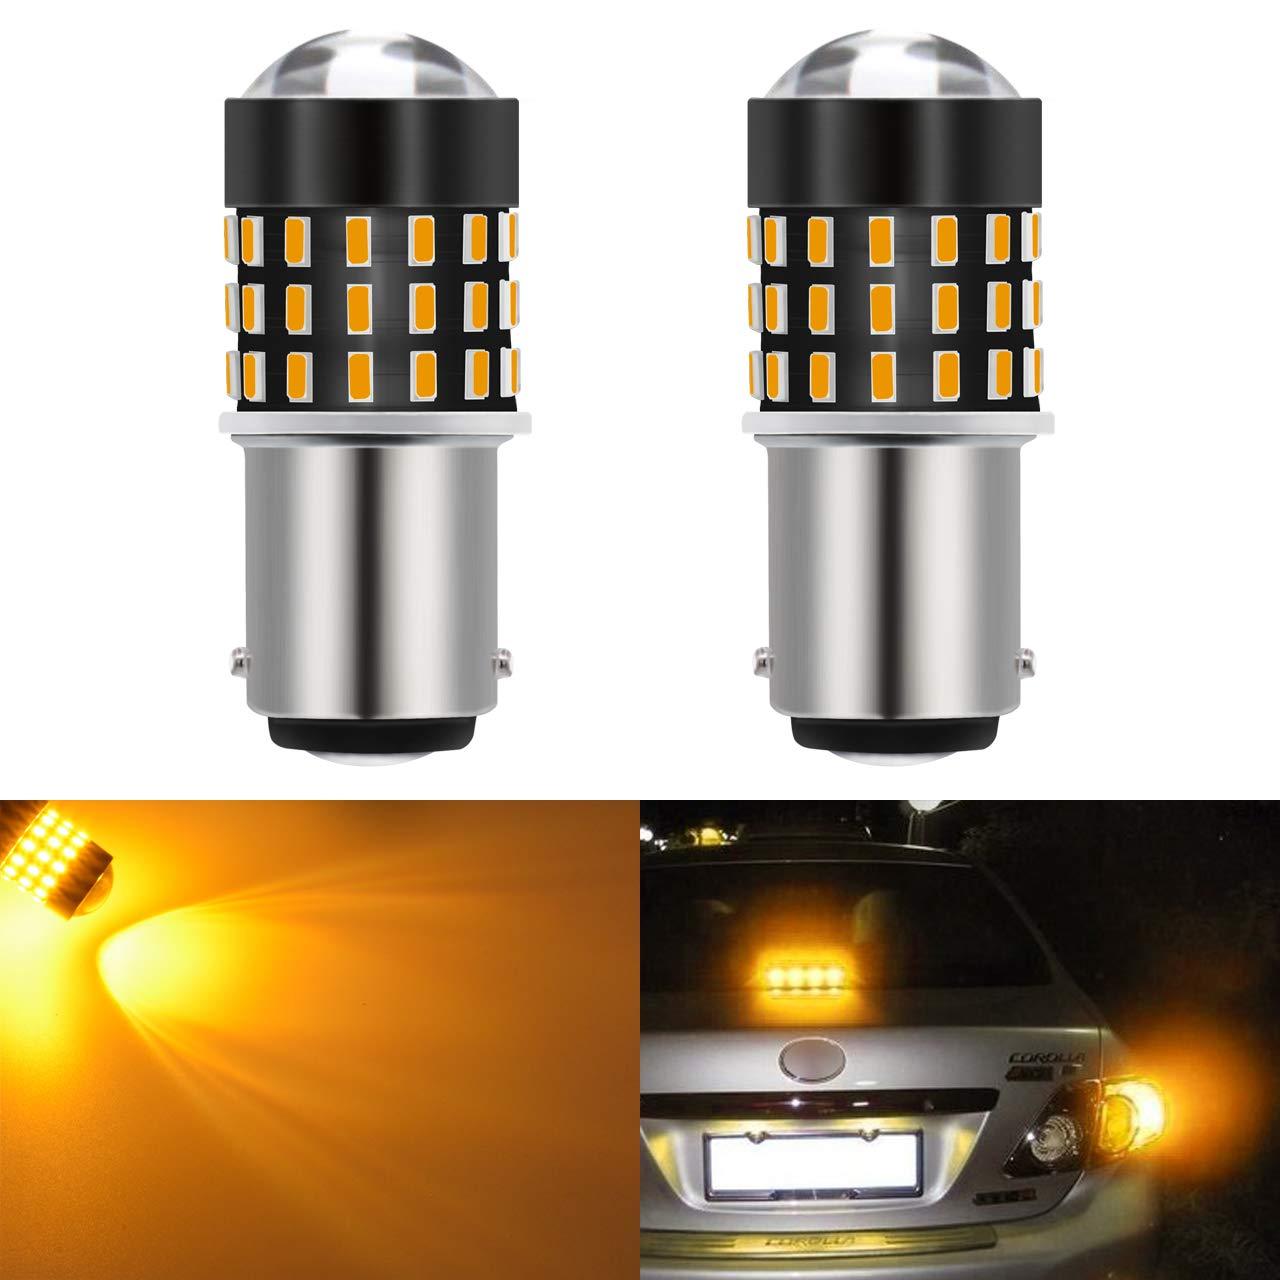 /24/V rosso KaTur 2/super Bright 1157/BAY15d 1016/1034/1196/7528/94/3014/54SMD LED lampadine di ricambio Lens girare freno segnale coda Back up parking zip 3.1/W DC 12/V/